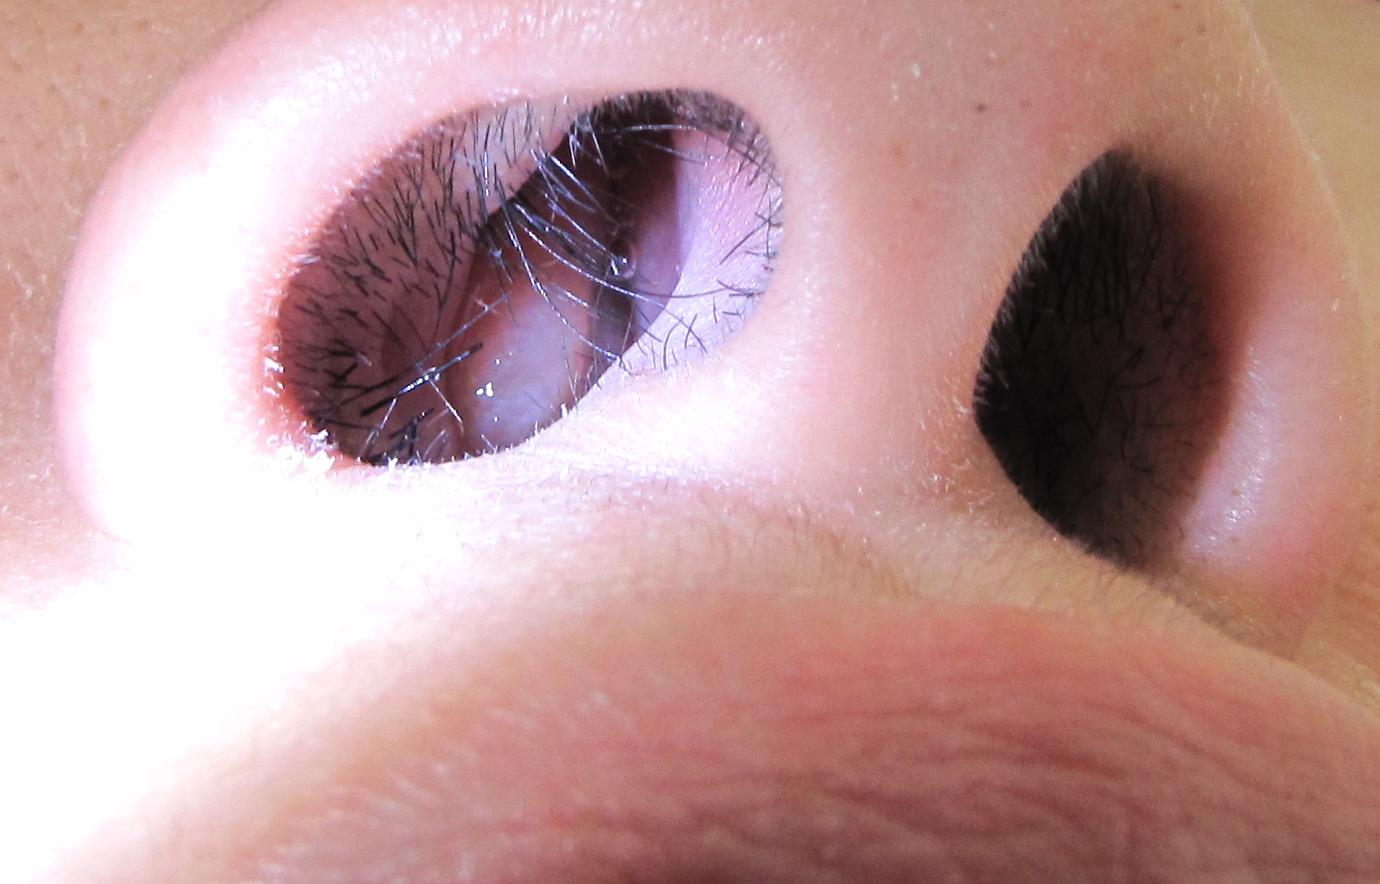 papilloma nasal icd 10)